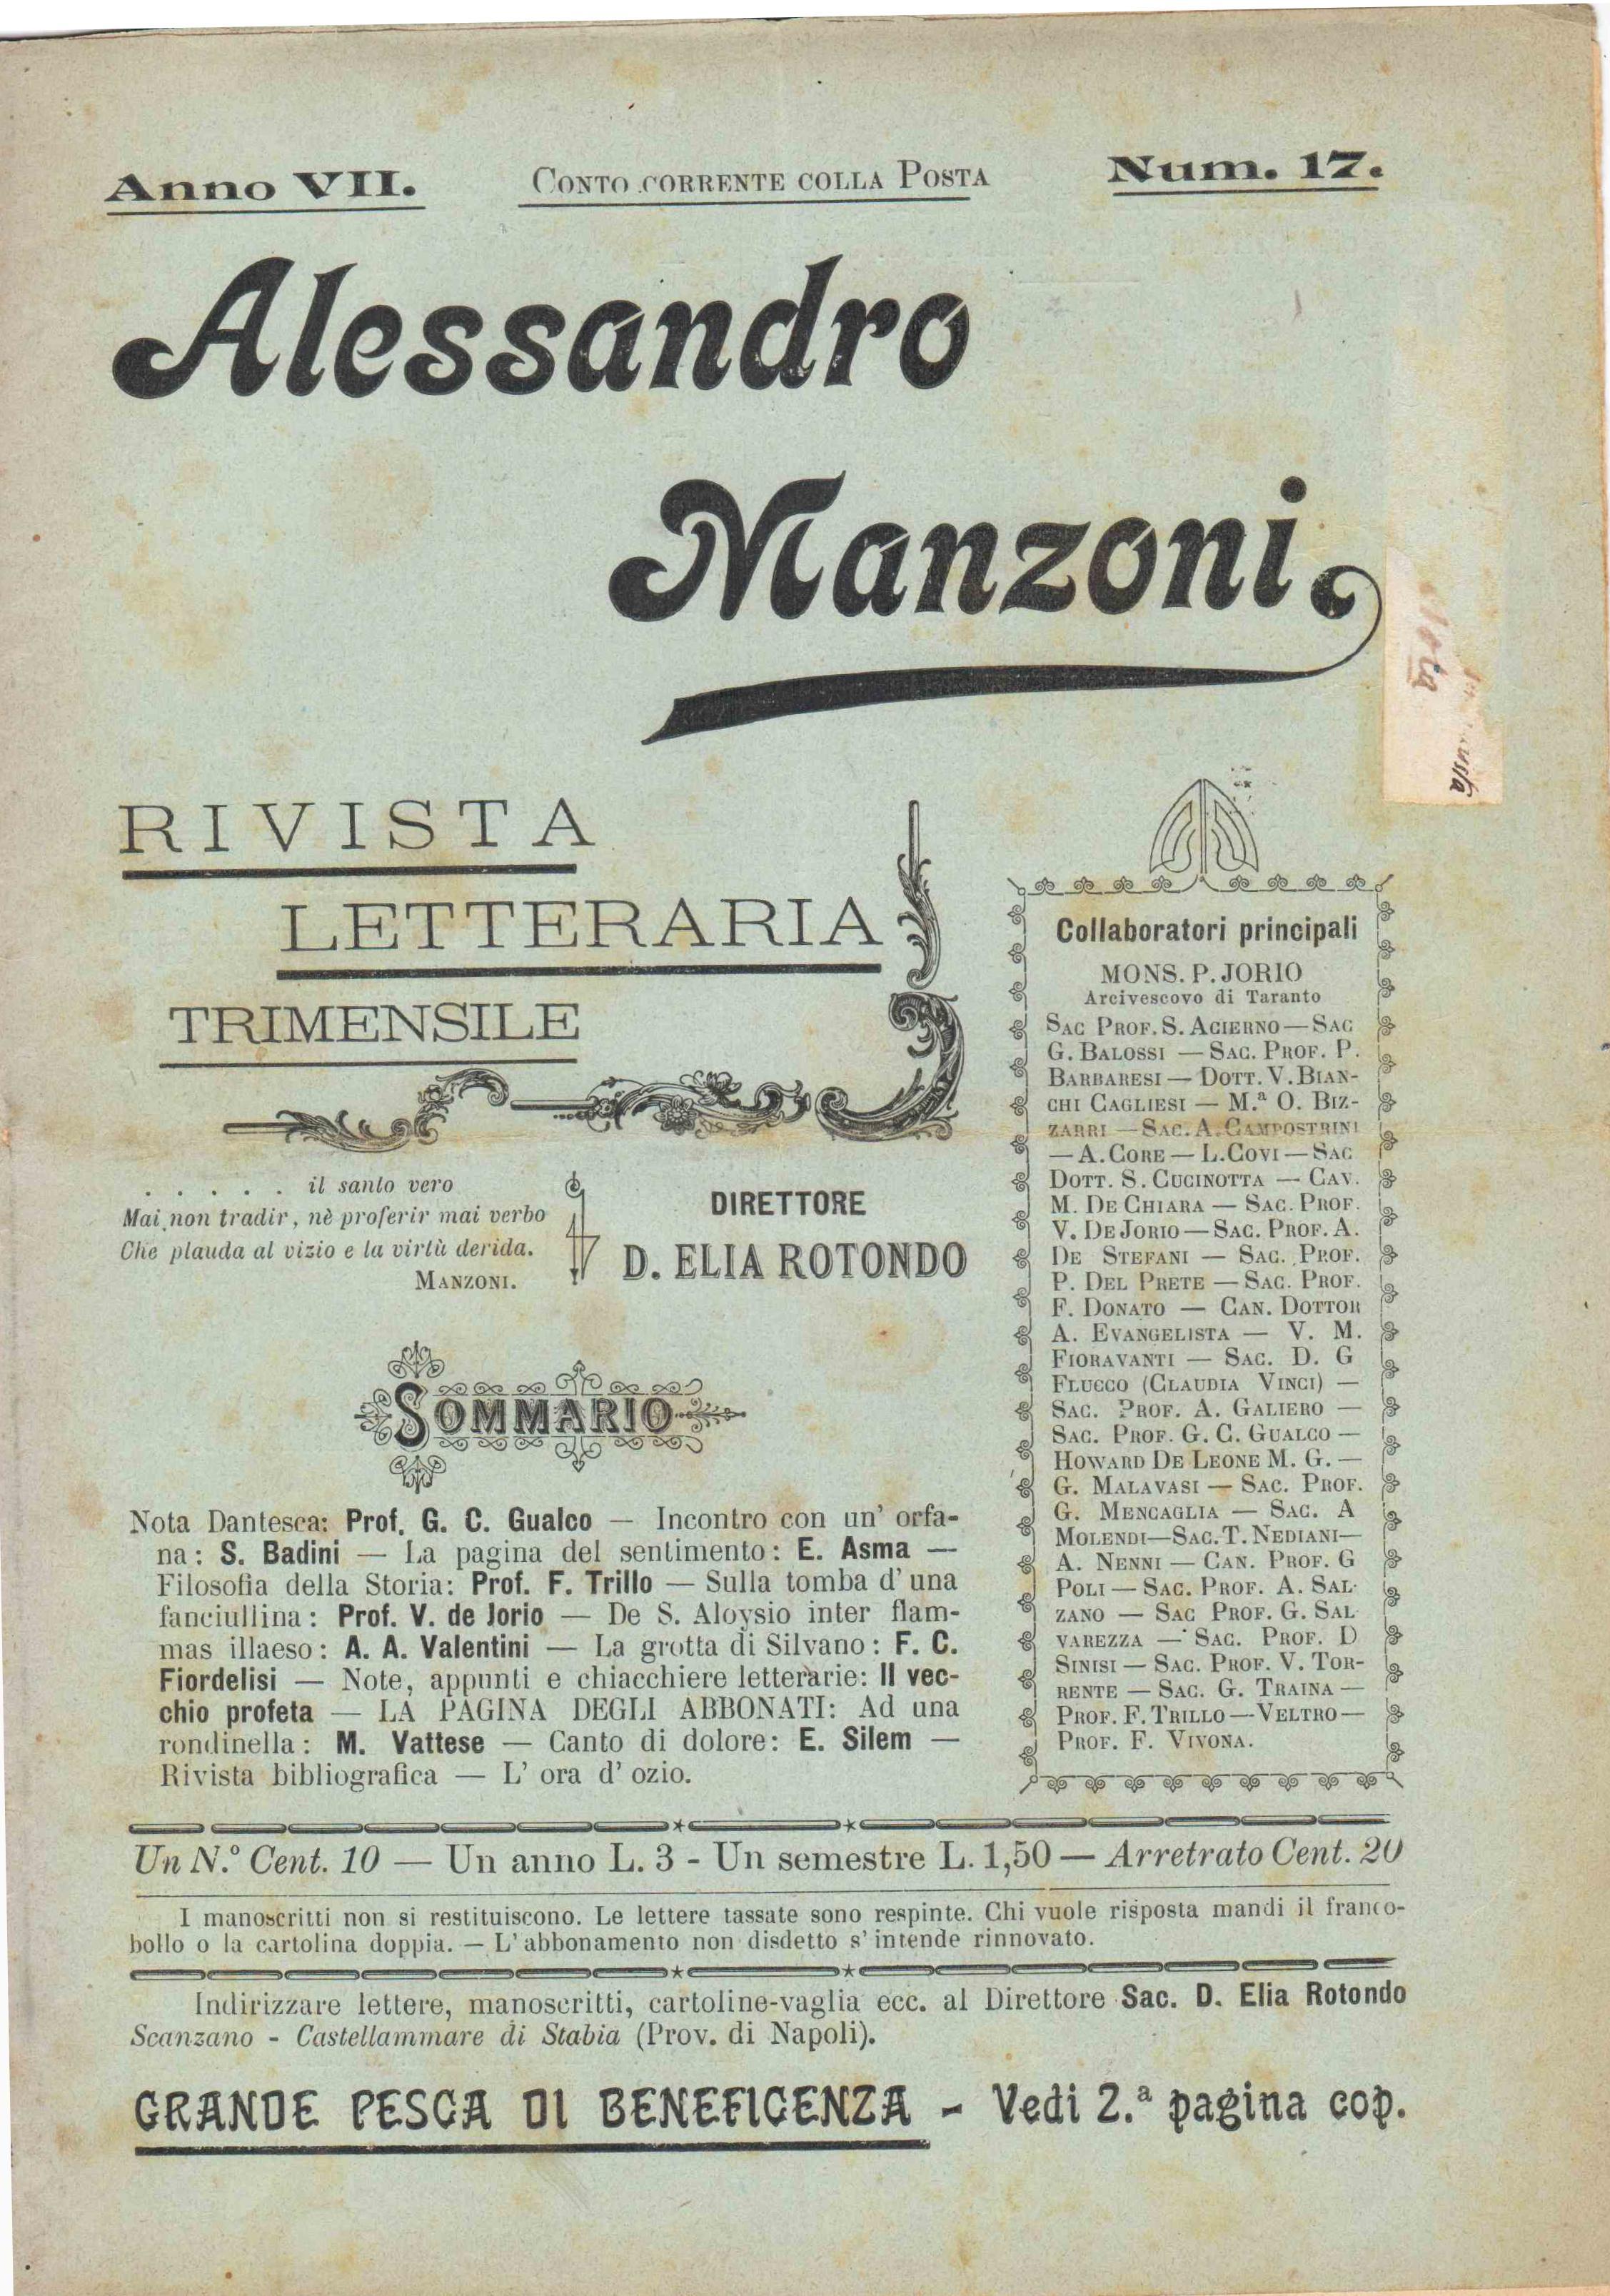 Alessandro Manzoni - Rivista letteraria edita a Castellammare - Anno VII n.17 del 25 giugno 1899 (coll. Gaetano Fontana)